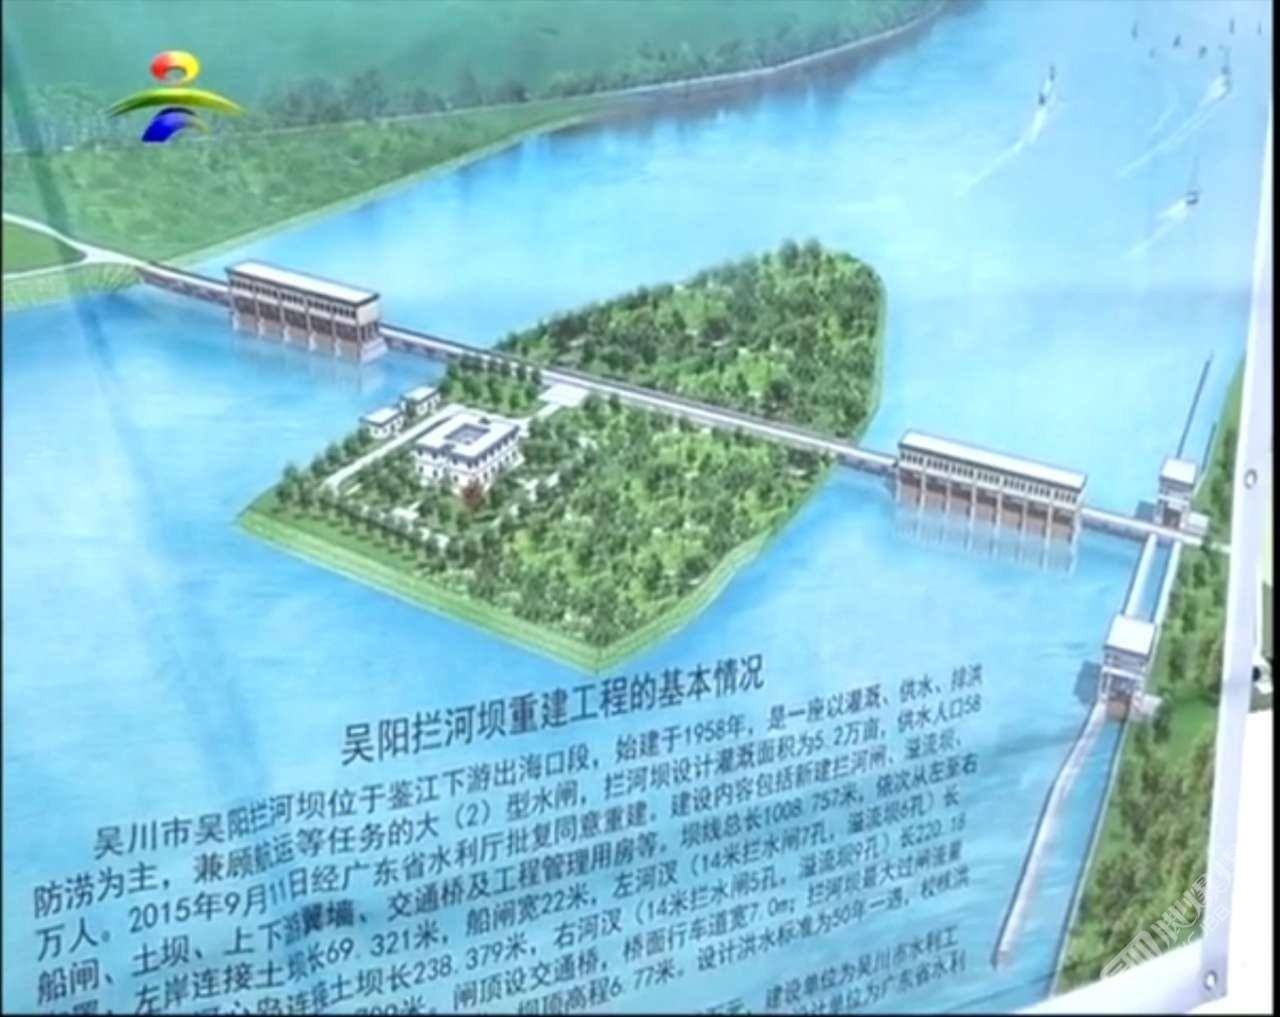 吳陽攔河大壩重建工程,吳陽與振文兩岸村莊的閘壩建設通公路橋寬7米和雙向兩車道